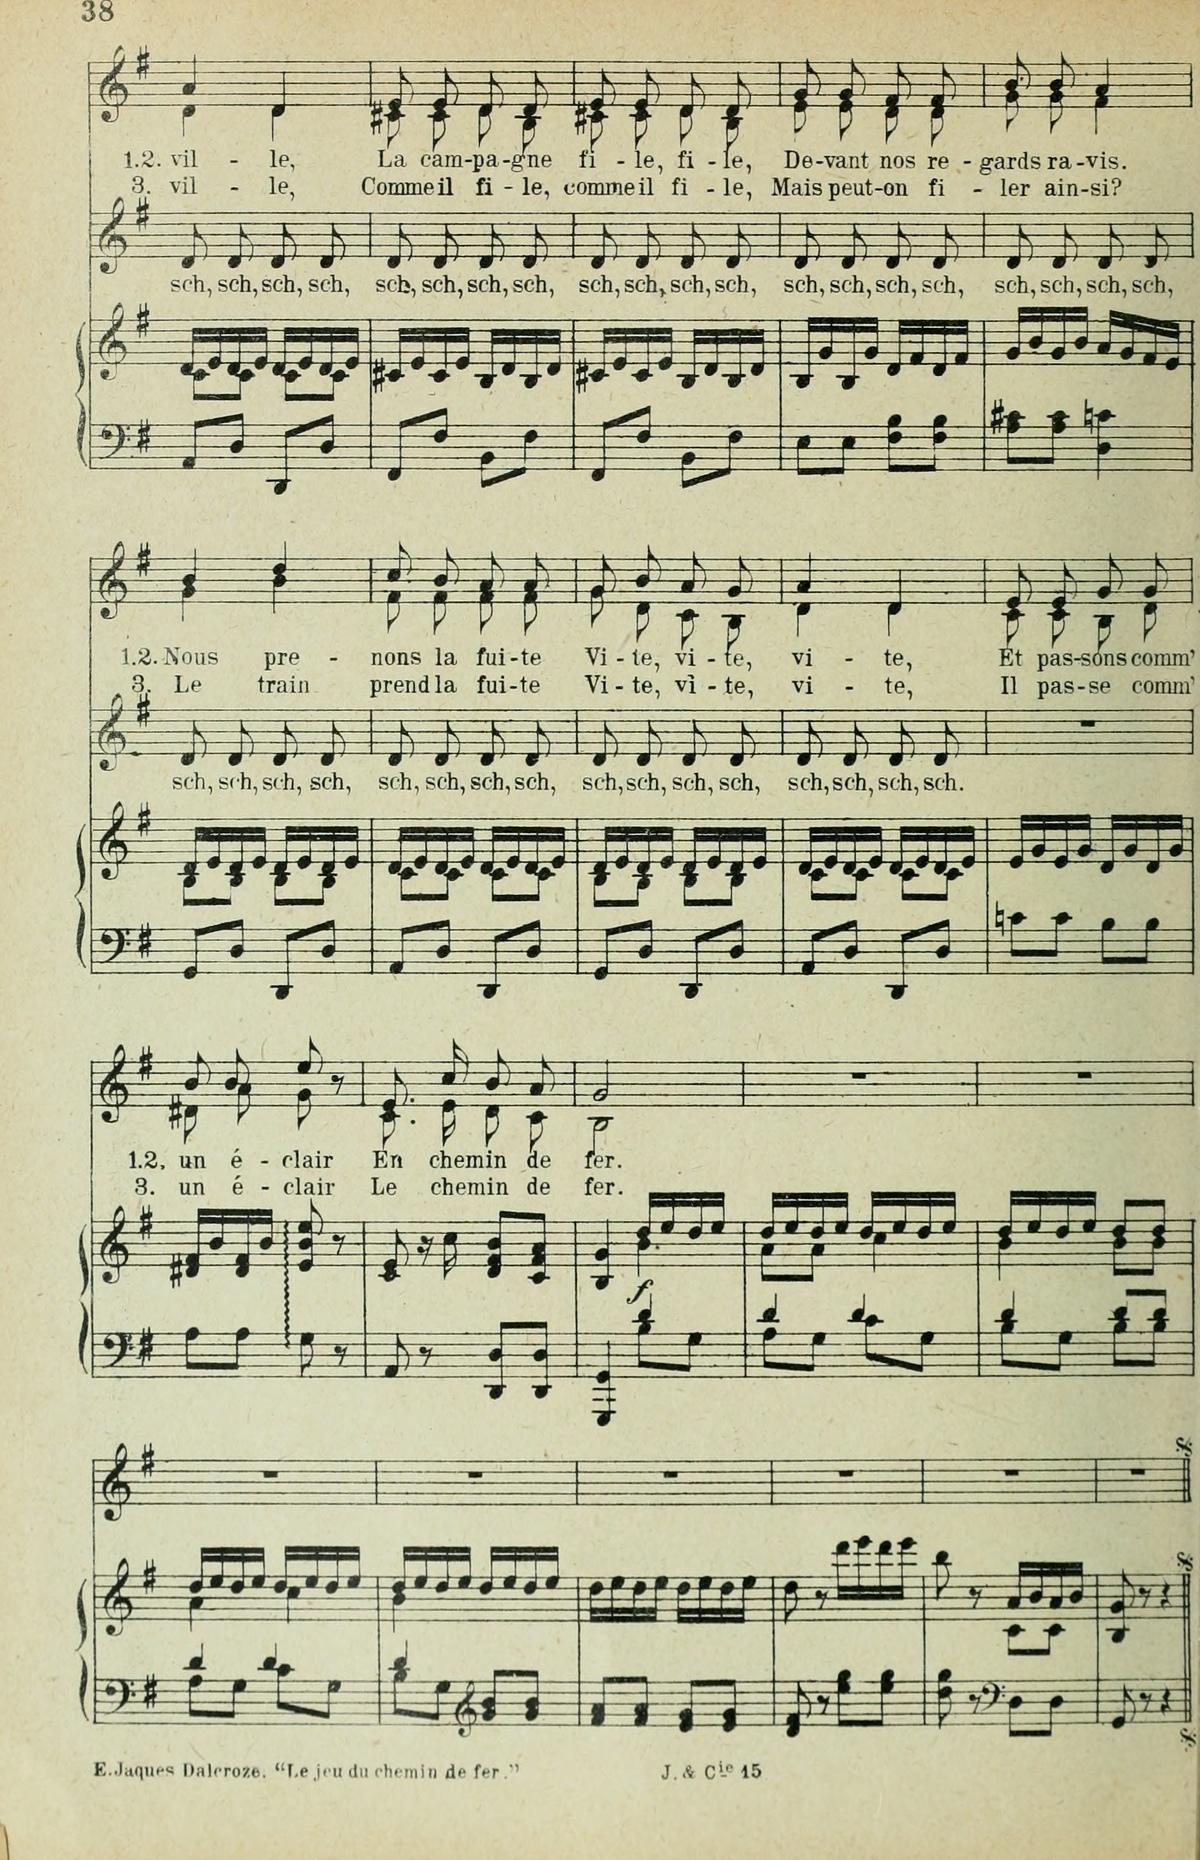 Extrait 3 de la partition publiée dans le recueil «<i>Chansons d'Enfants</i>», Op. 42